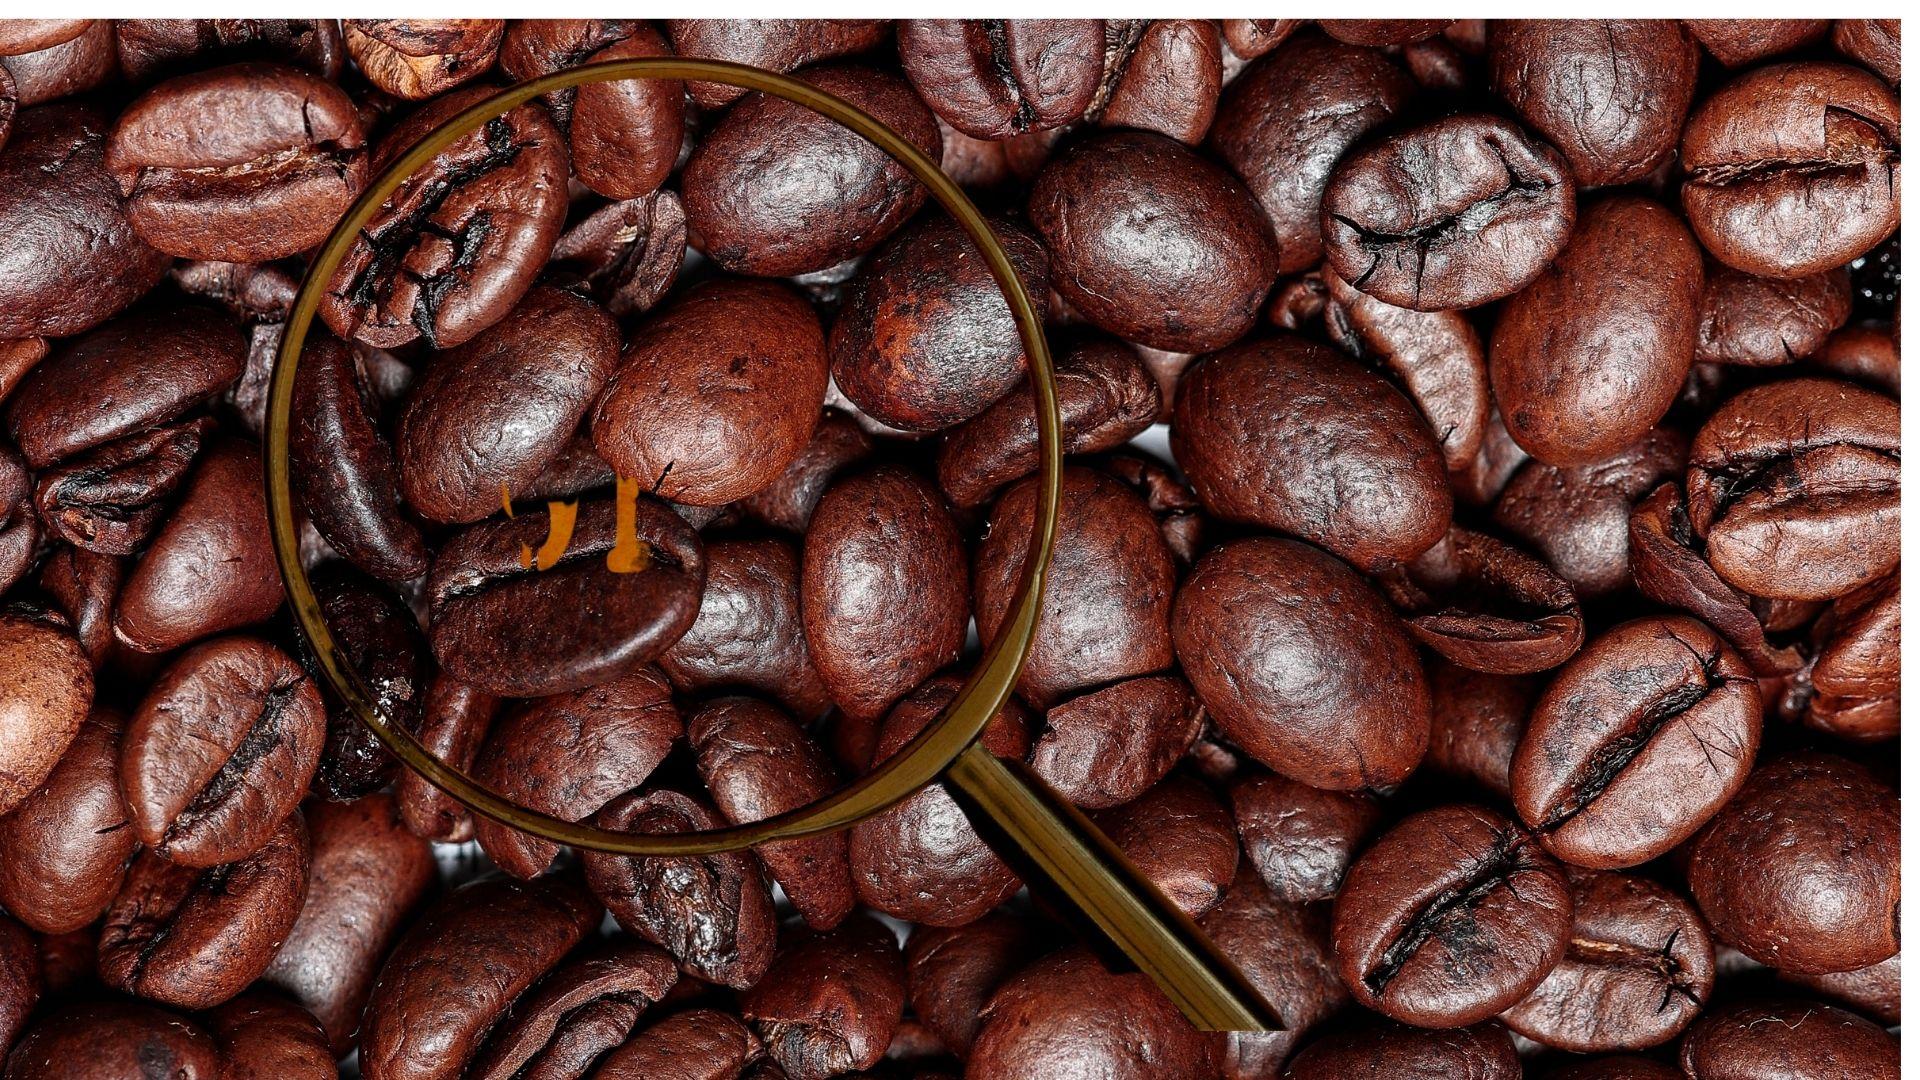 Senki sem tudja pontosan mi a kávé története, hogy mikor és mikor fedezték fel a kávét, pedig számos legenda híres a keletkezéséről.